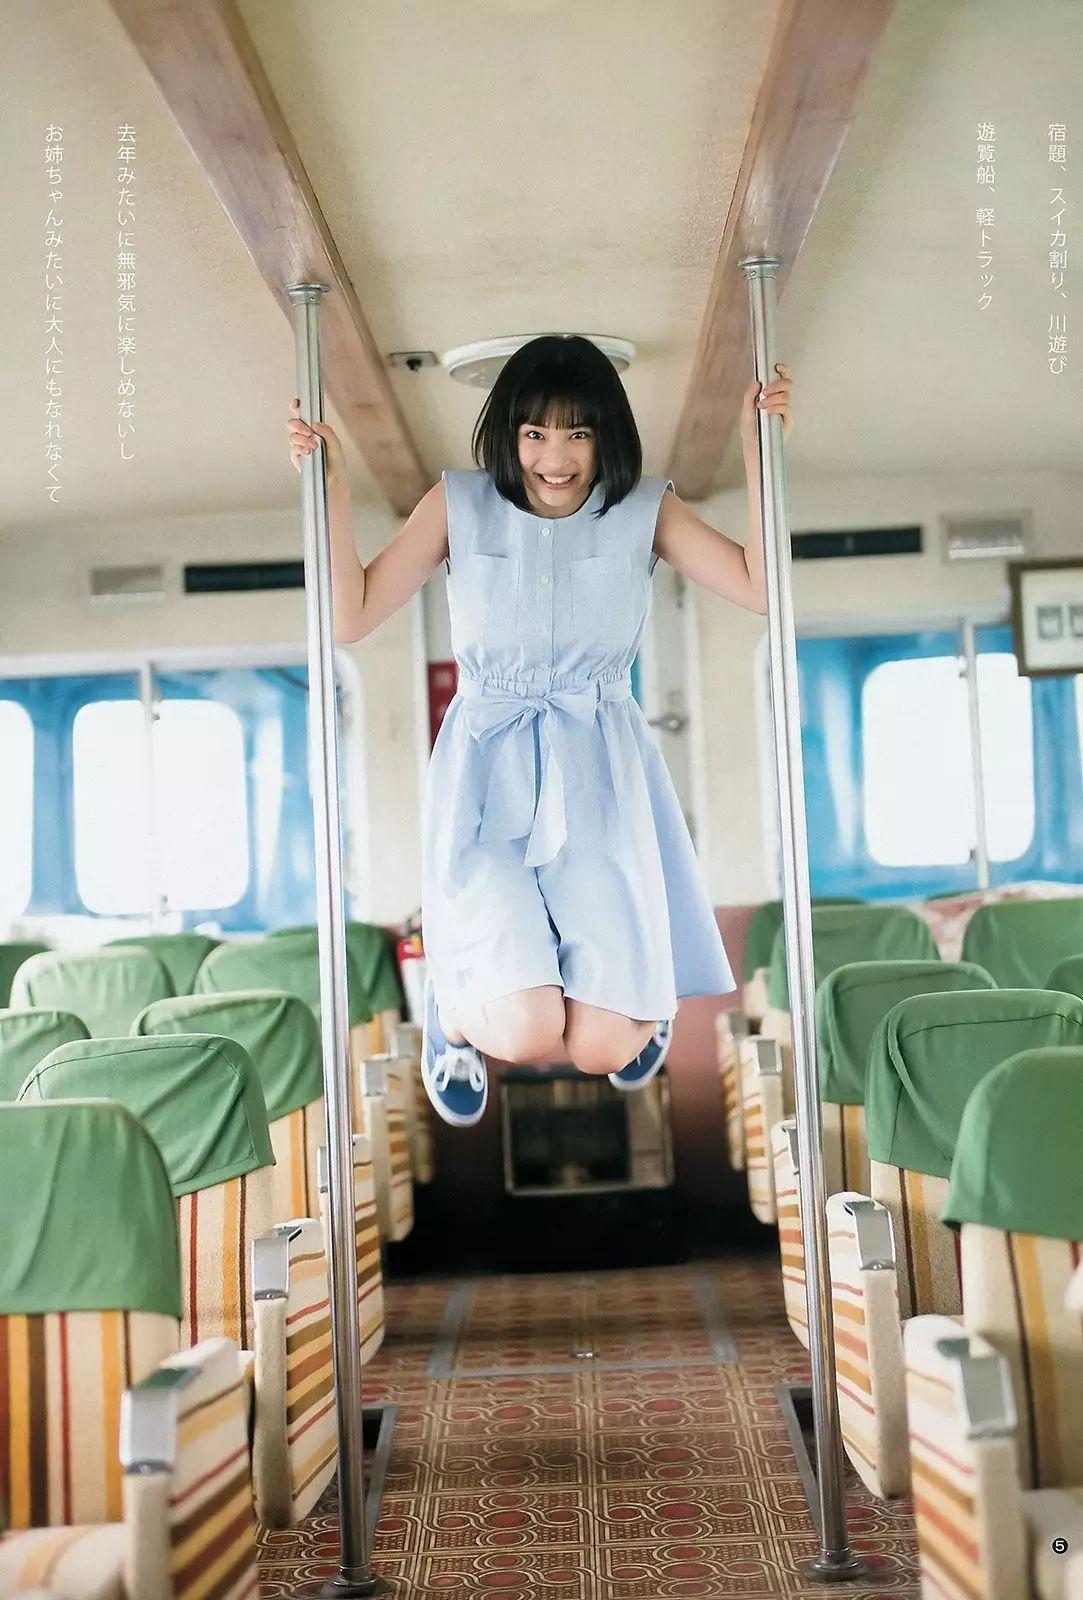 20神颜美少女却黑历史比较多的广濑丝丝写真作品 (48)